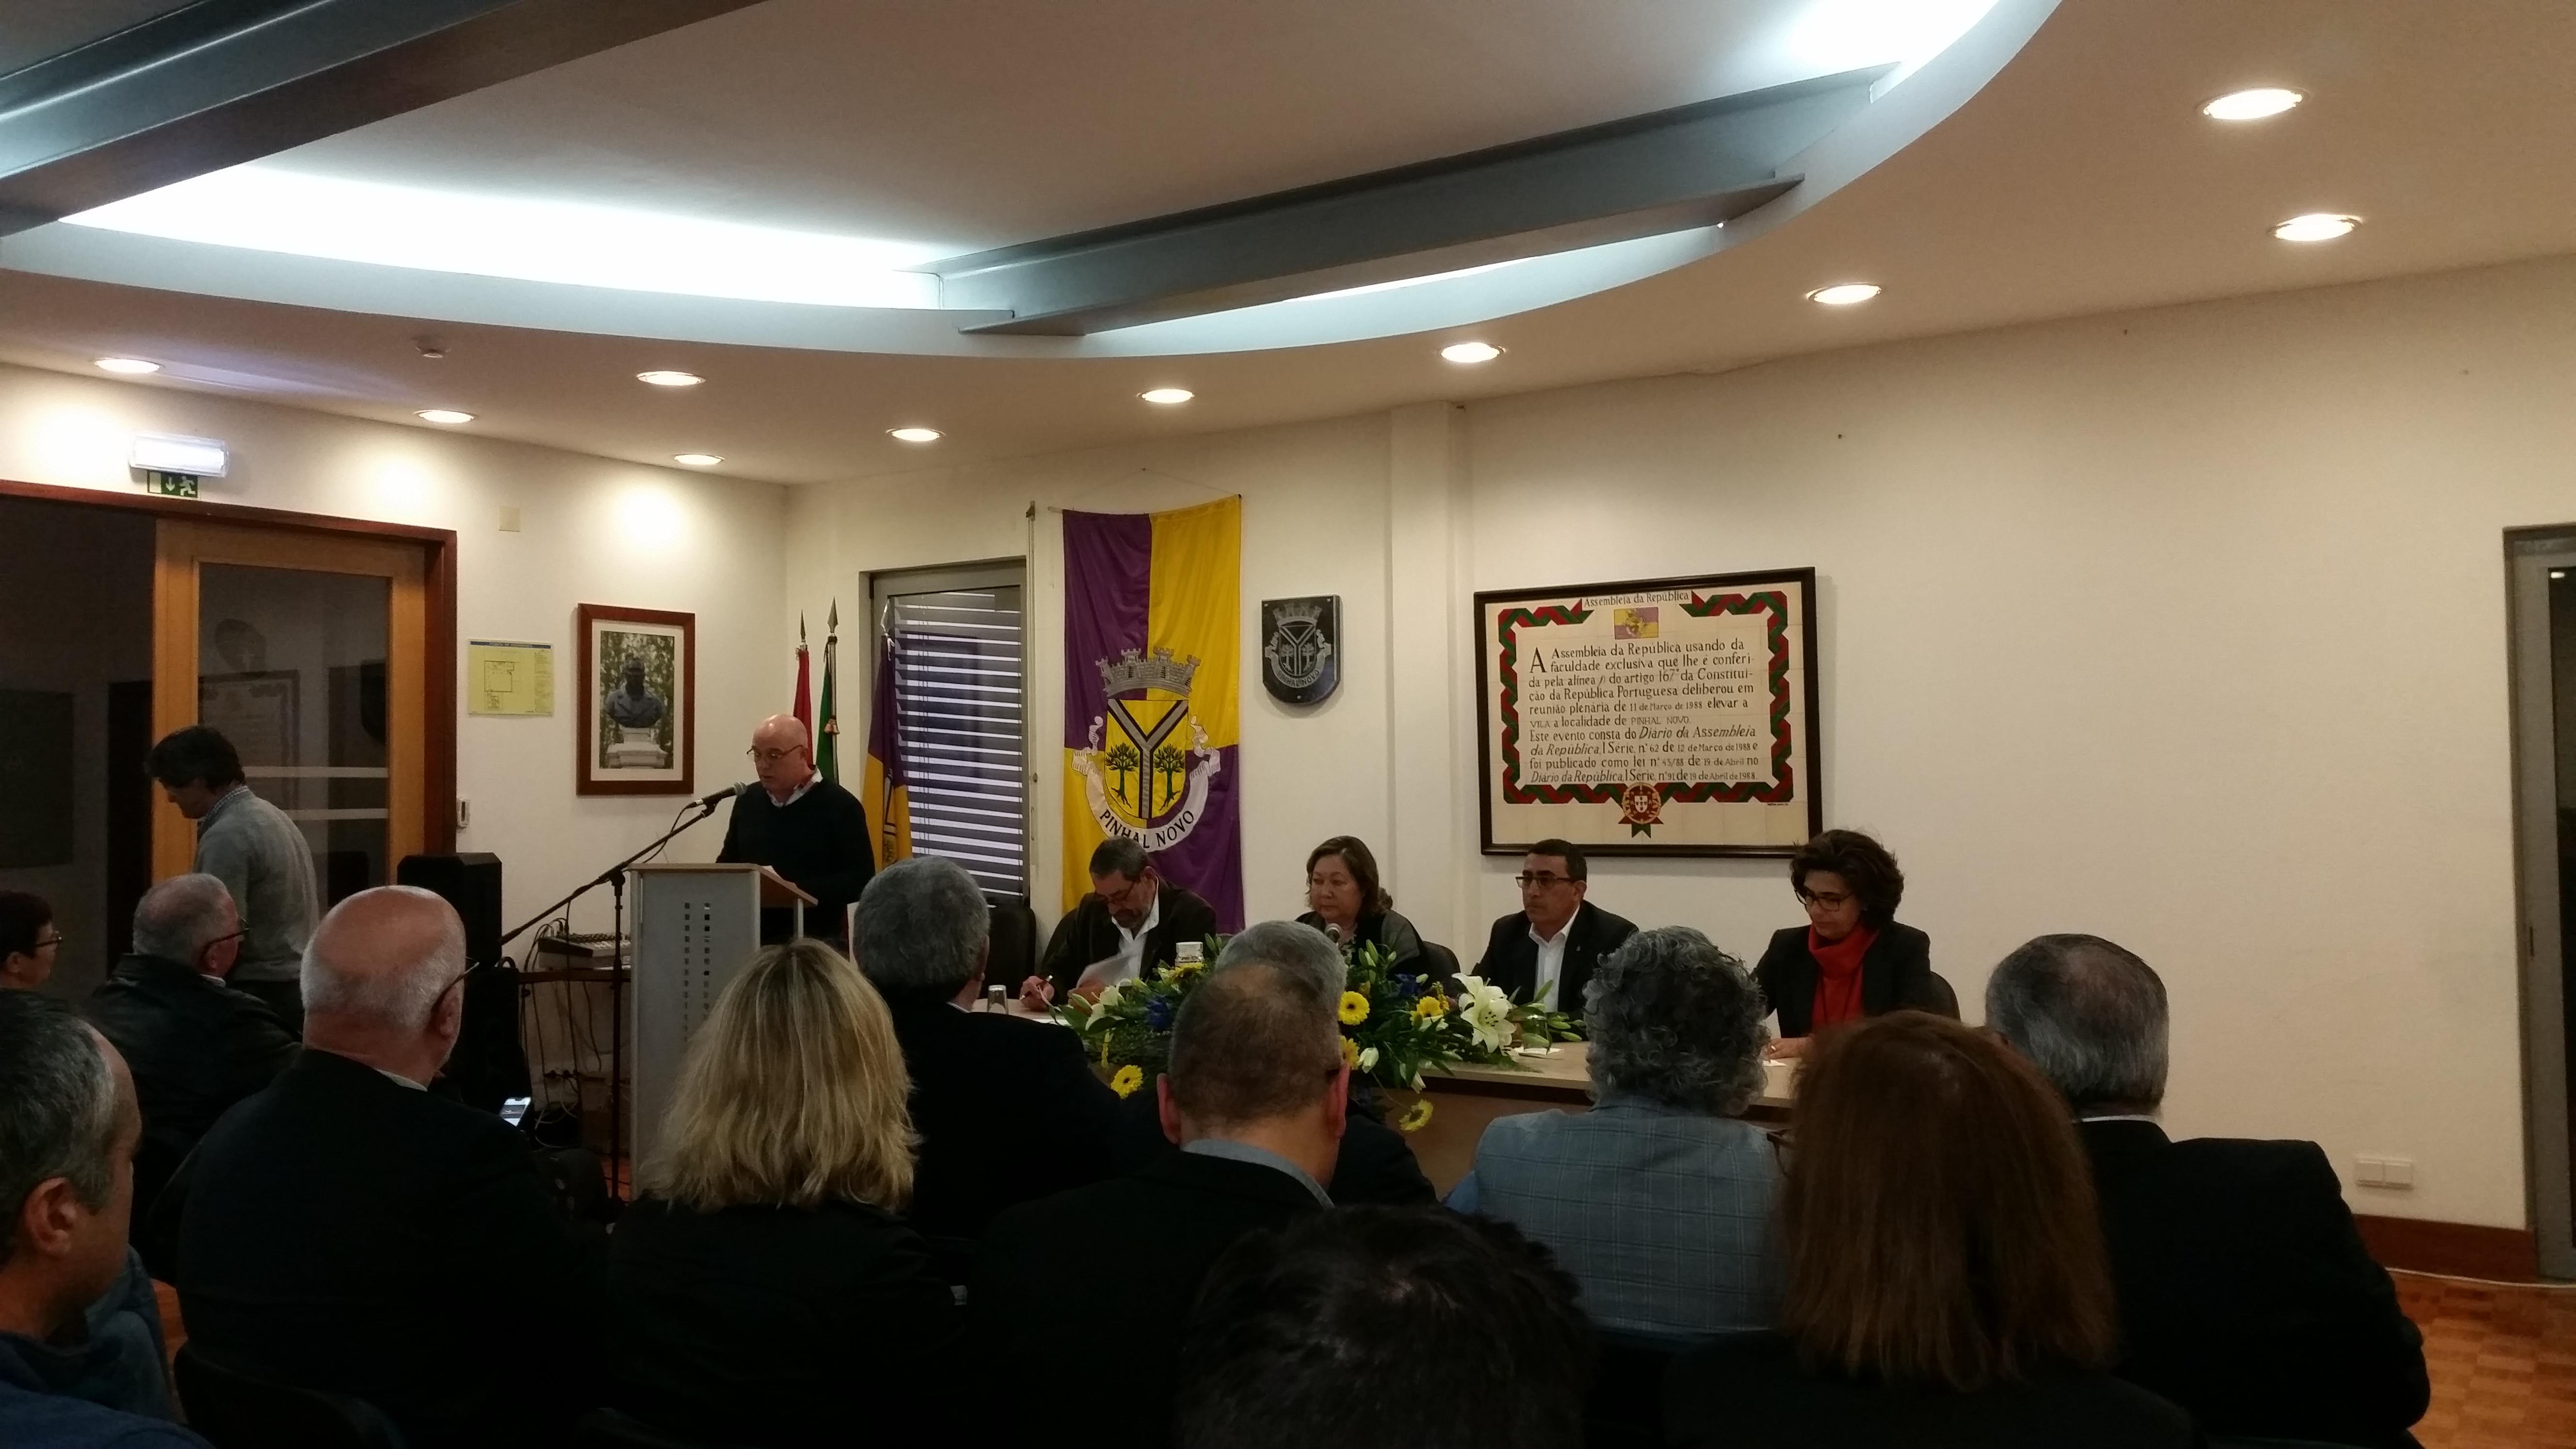 Sessão Solene Pinhal Novo Aniversário Freguesia Vila 2020